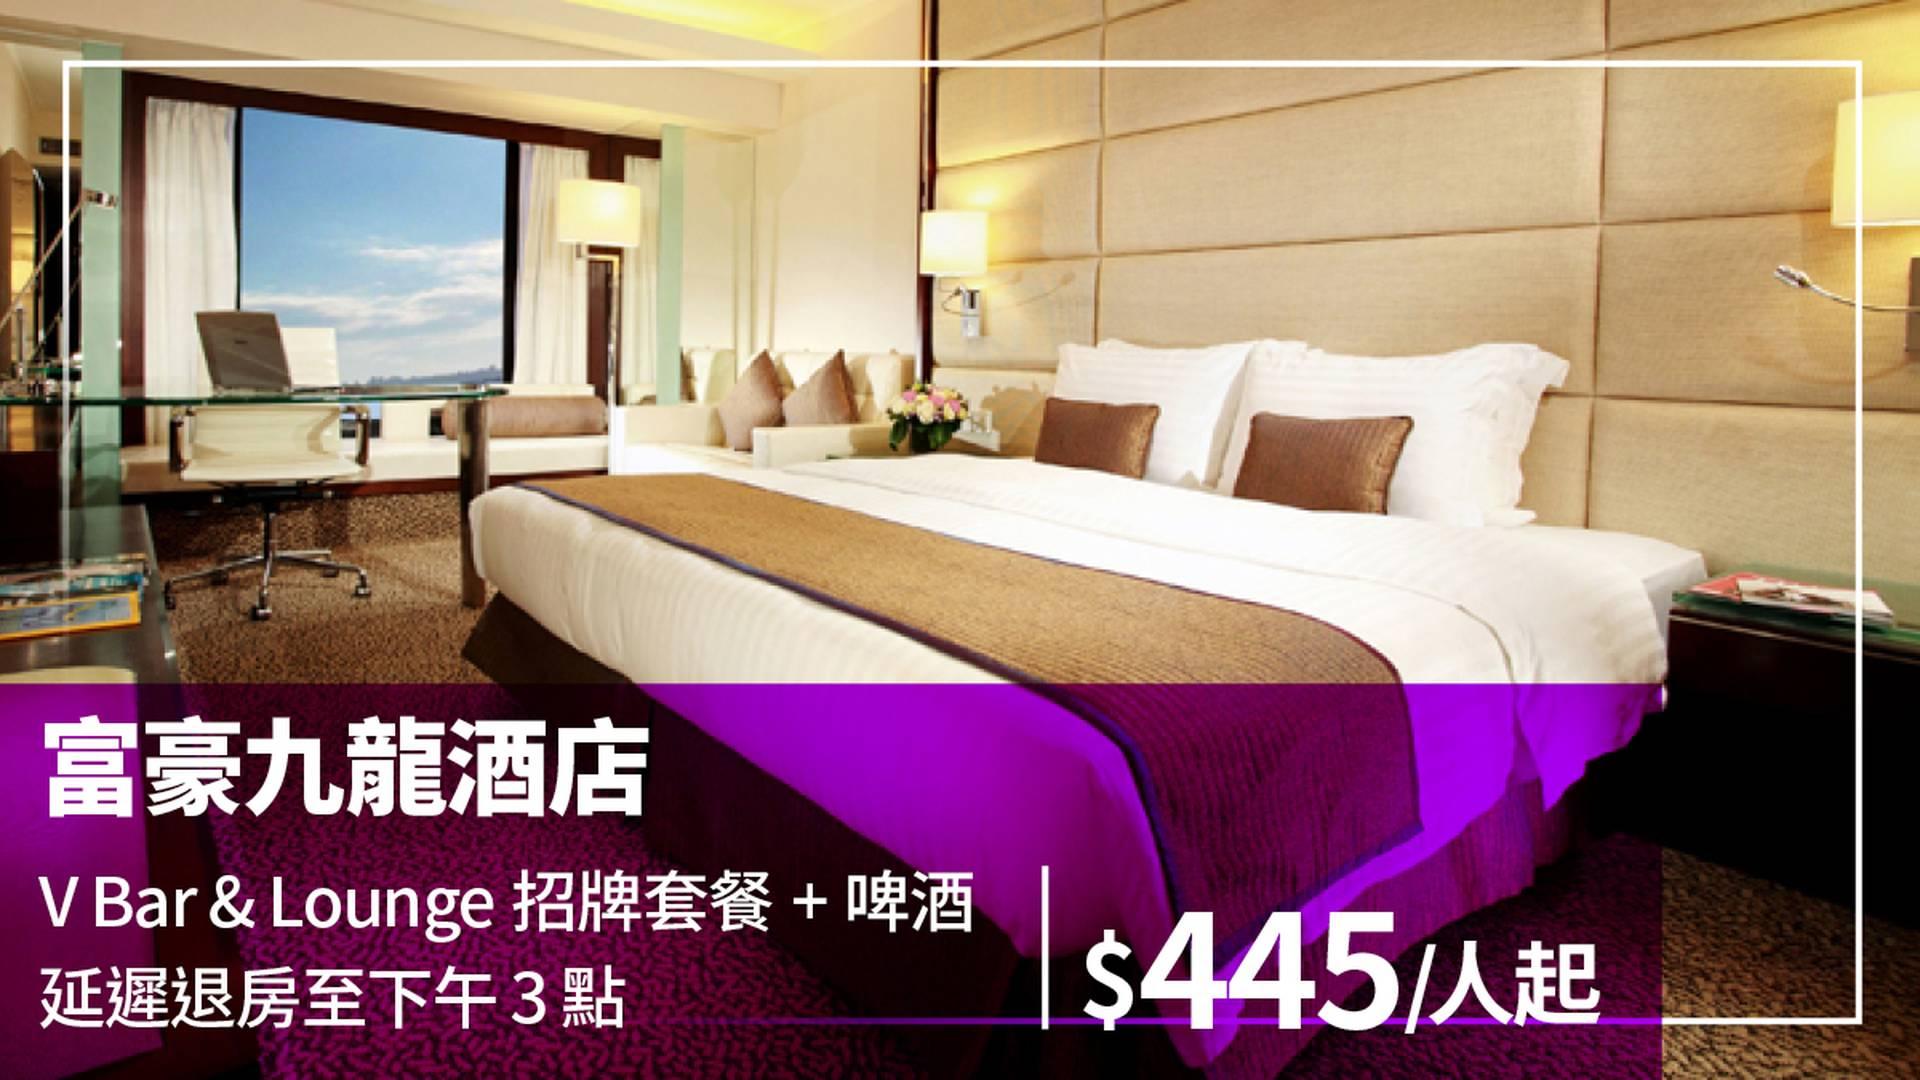 富豪九龍酒店悠然滋味住宿套票